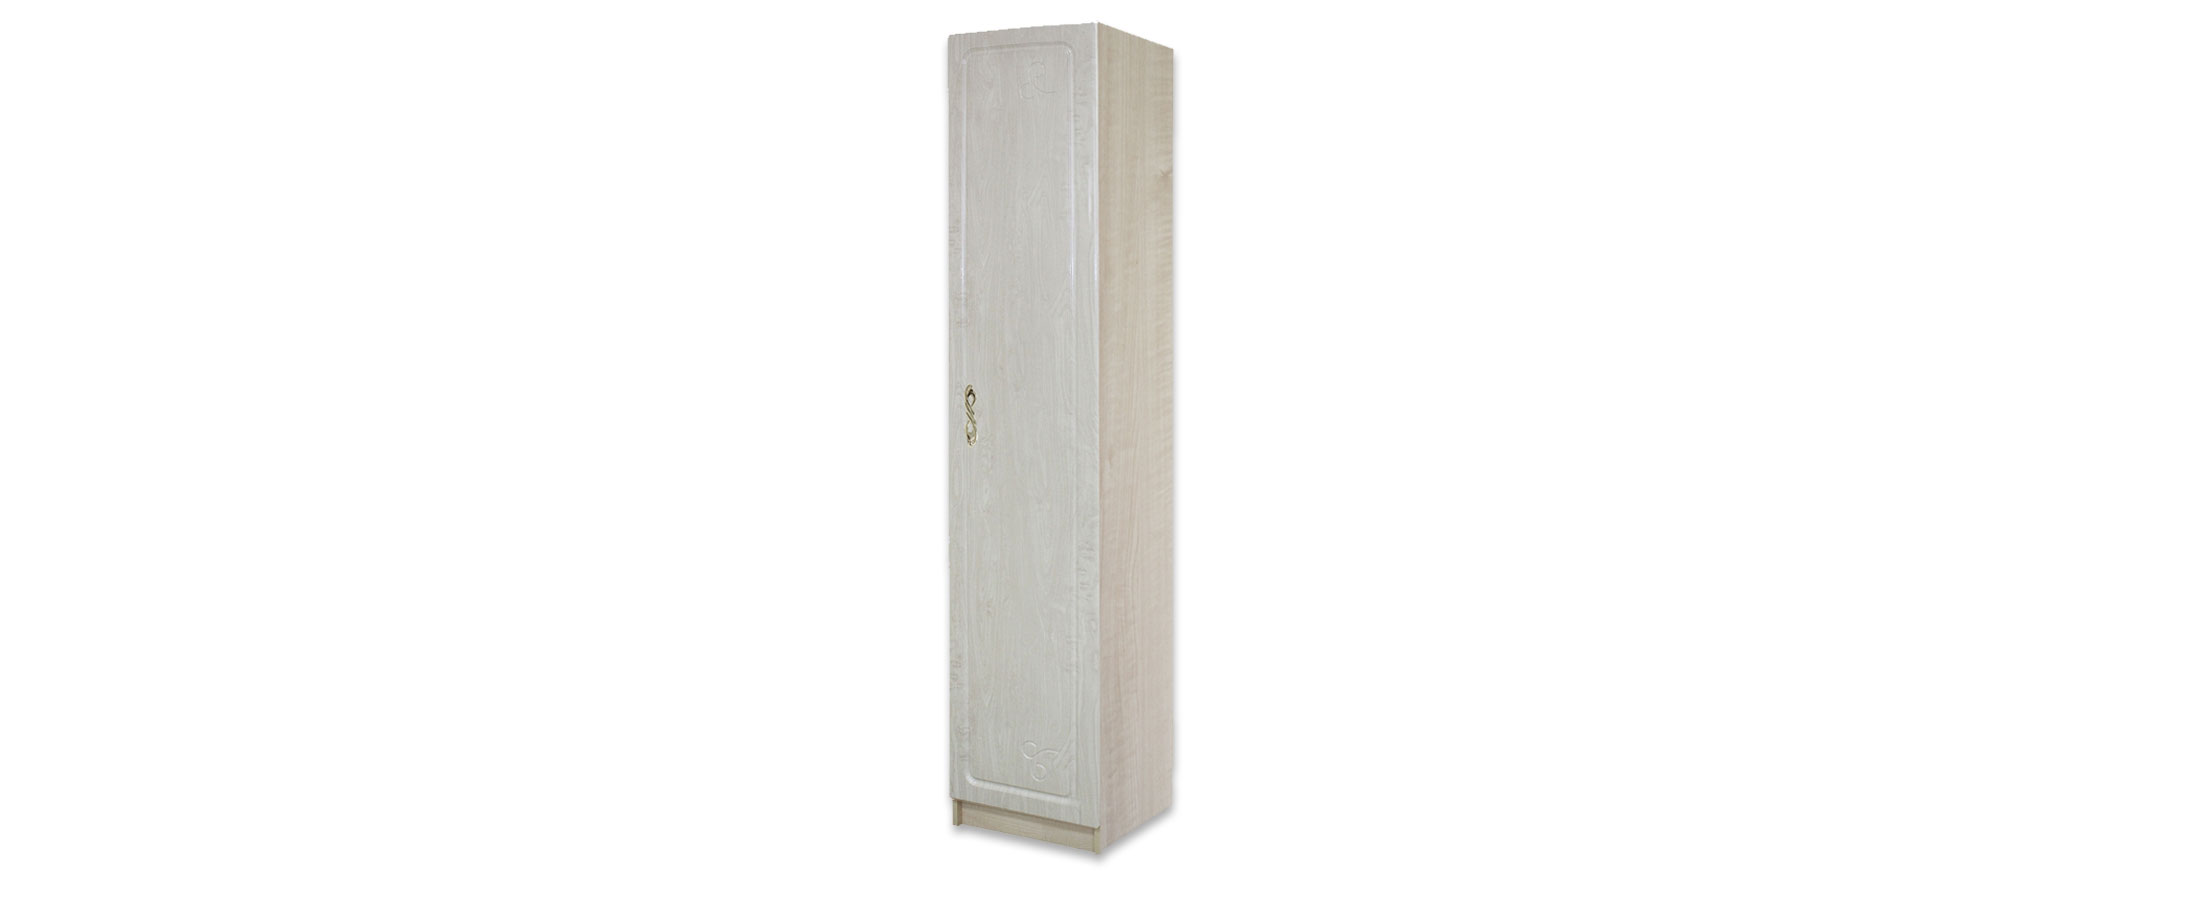 Шкаф 1-дверный Афина-4 Клен Модель 509Шкаф 1-дверный Афина-4 Клен Модель 509 артикул Ш000019<br>